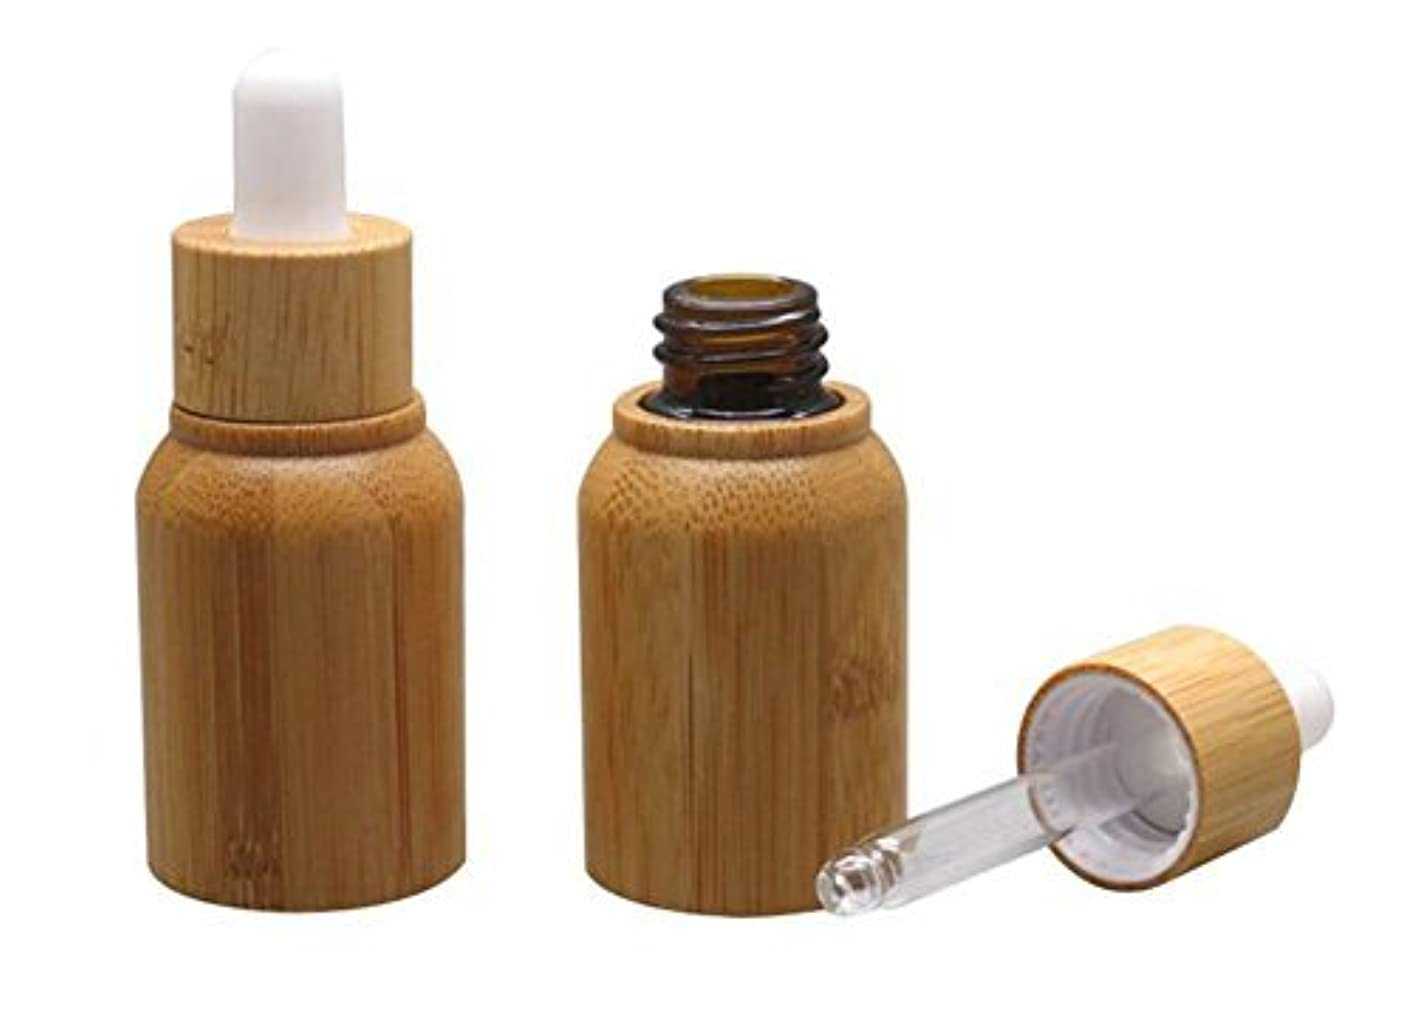 オークランドチェリー部分的に1PCS 10ML 10G Bamboo Glass Eye Dropper Bottle with Pipettes Cosmetic Sample Container Bottles for Essential Oil...